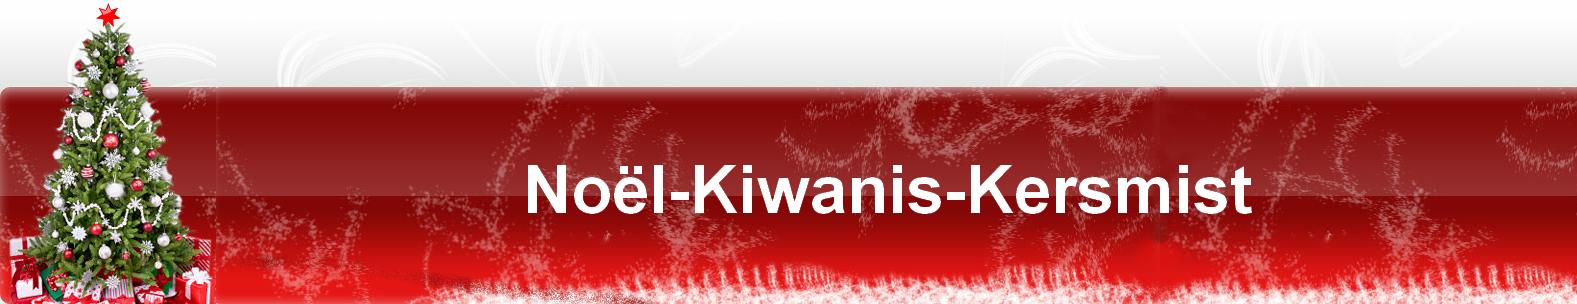 Noel-Kiwanis-Kerstmis